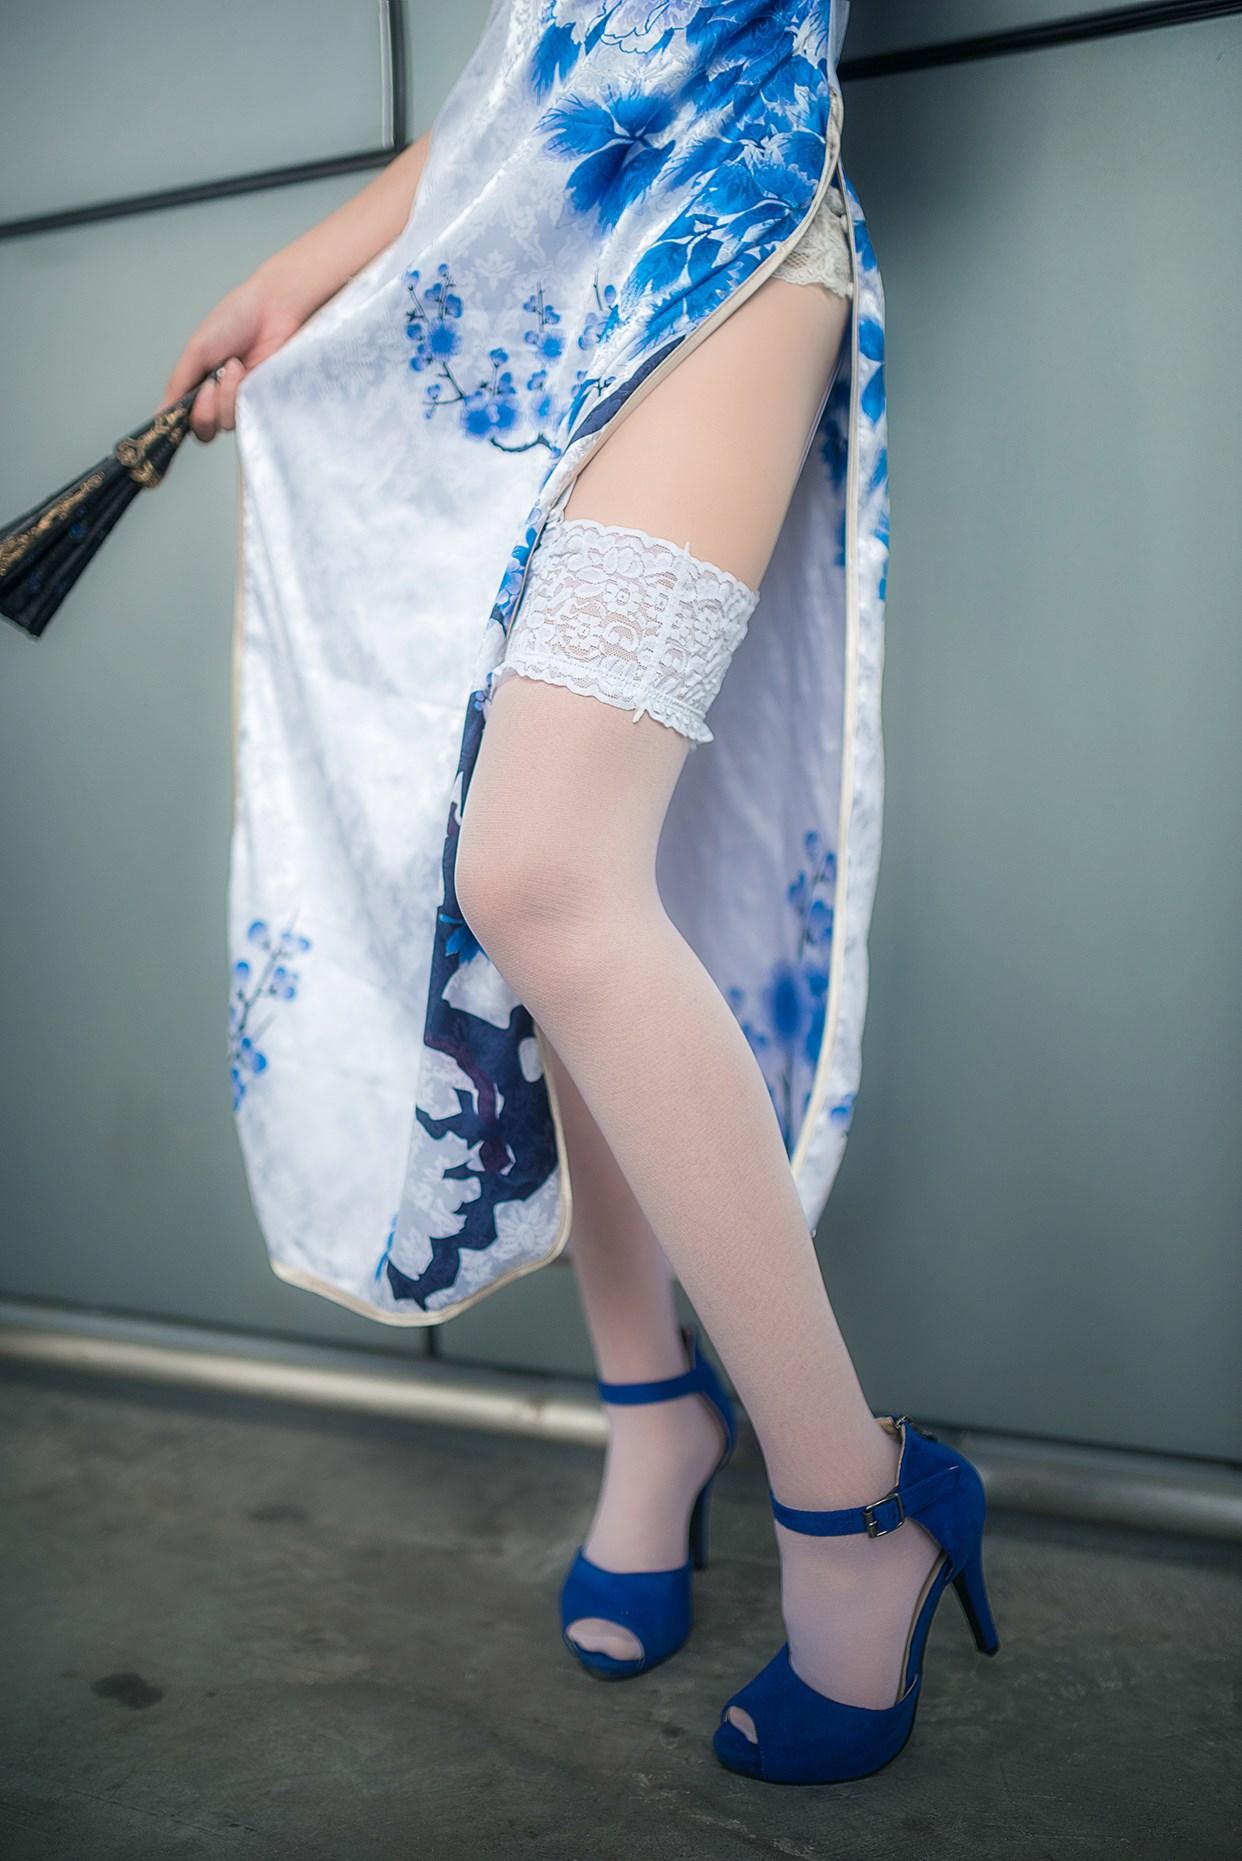 【兔玩映画】腿照福利合集2.0 兔玩映画 第22张